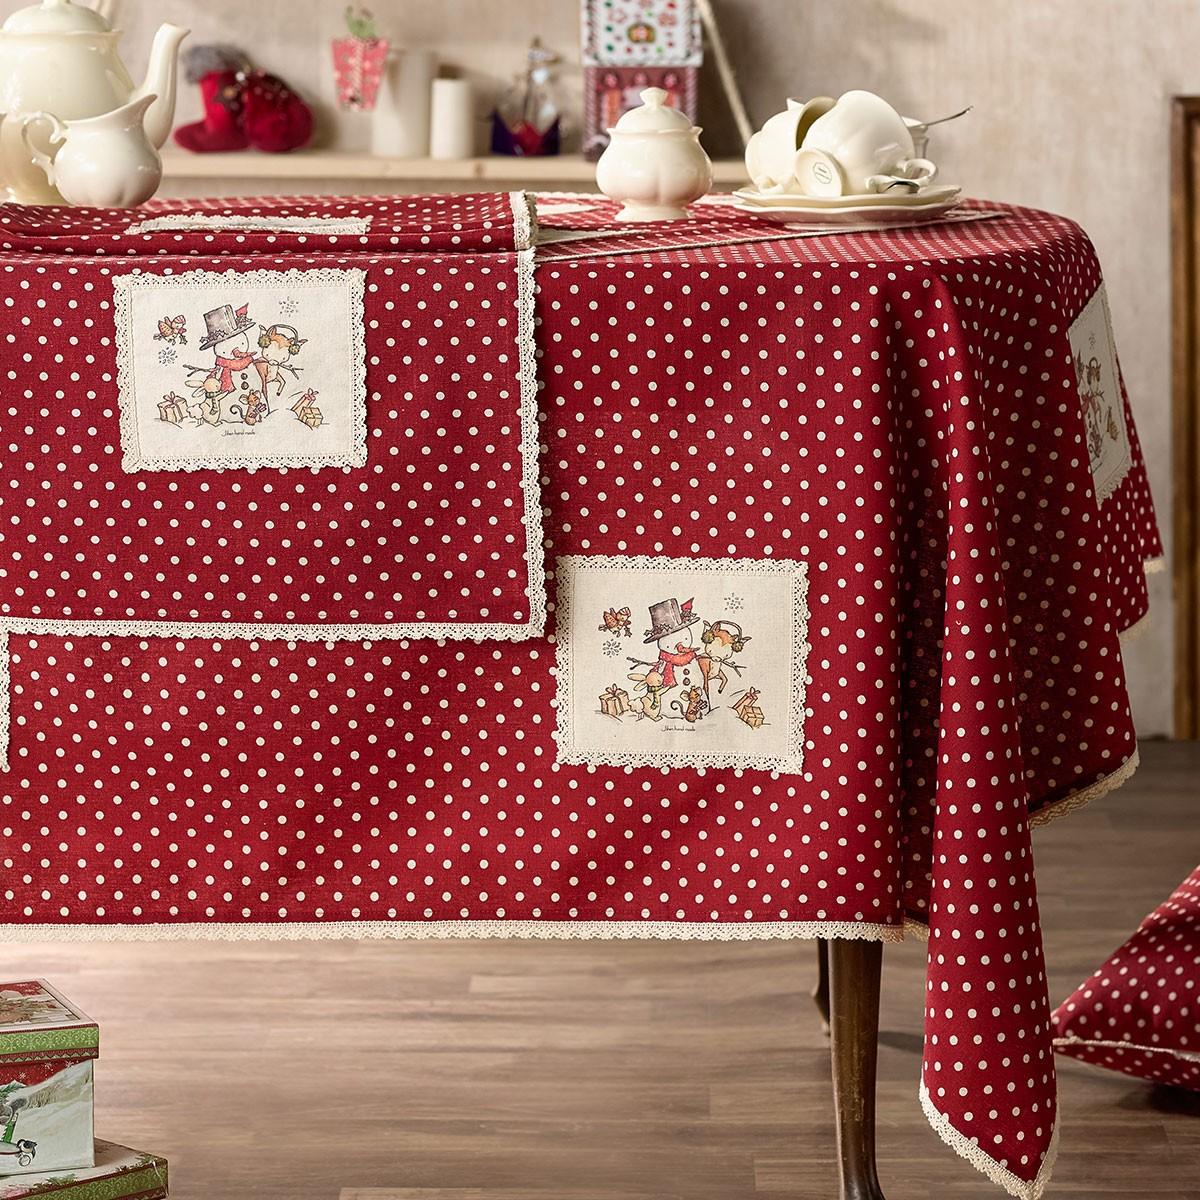 Χριστουγεννιάτικο Τραπεζομάντηλο (135x135) Gofis Home Frosty 877